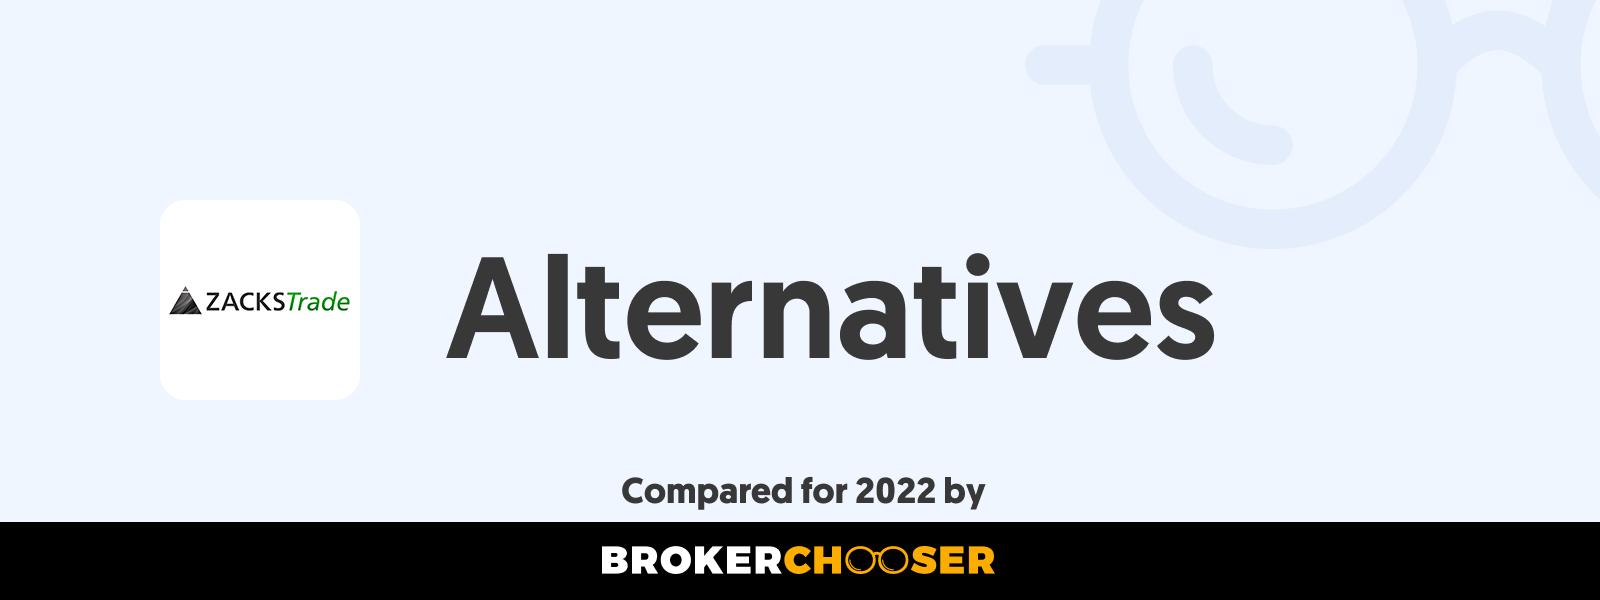 Zacks Trade Alternatives